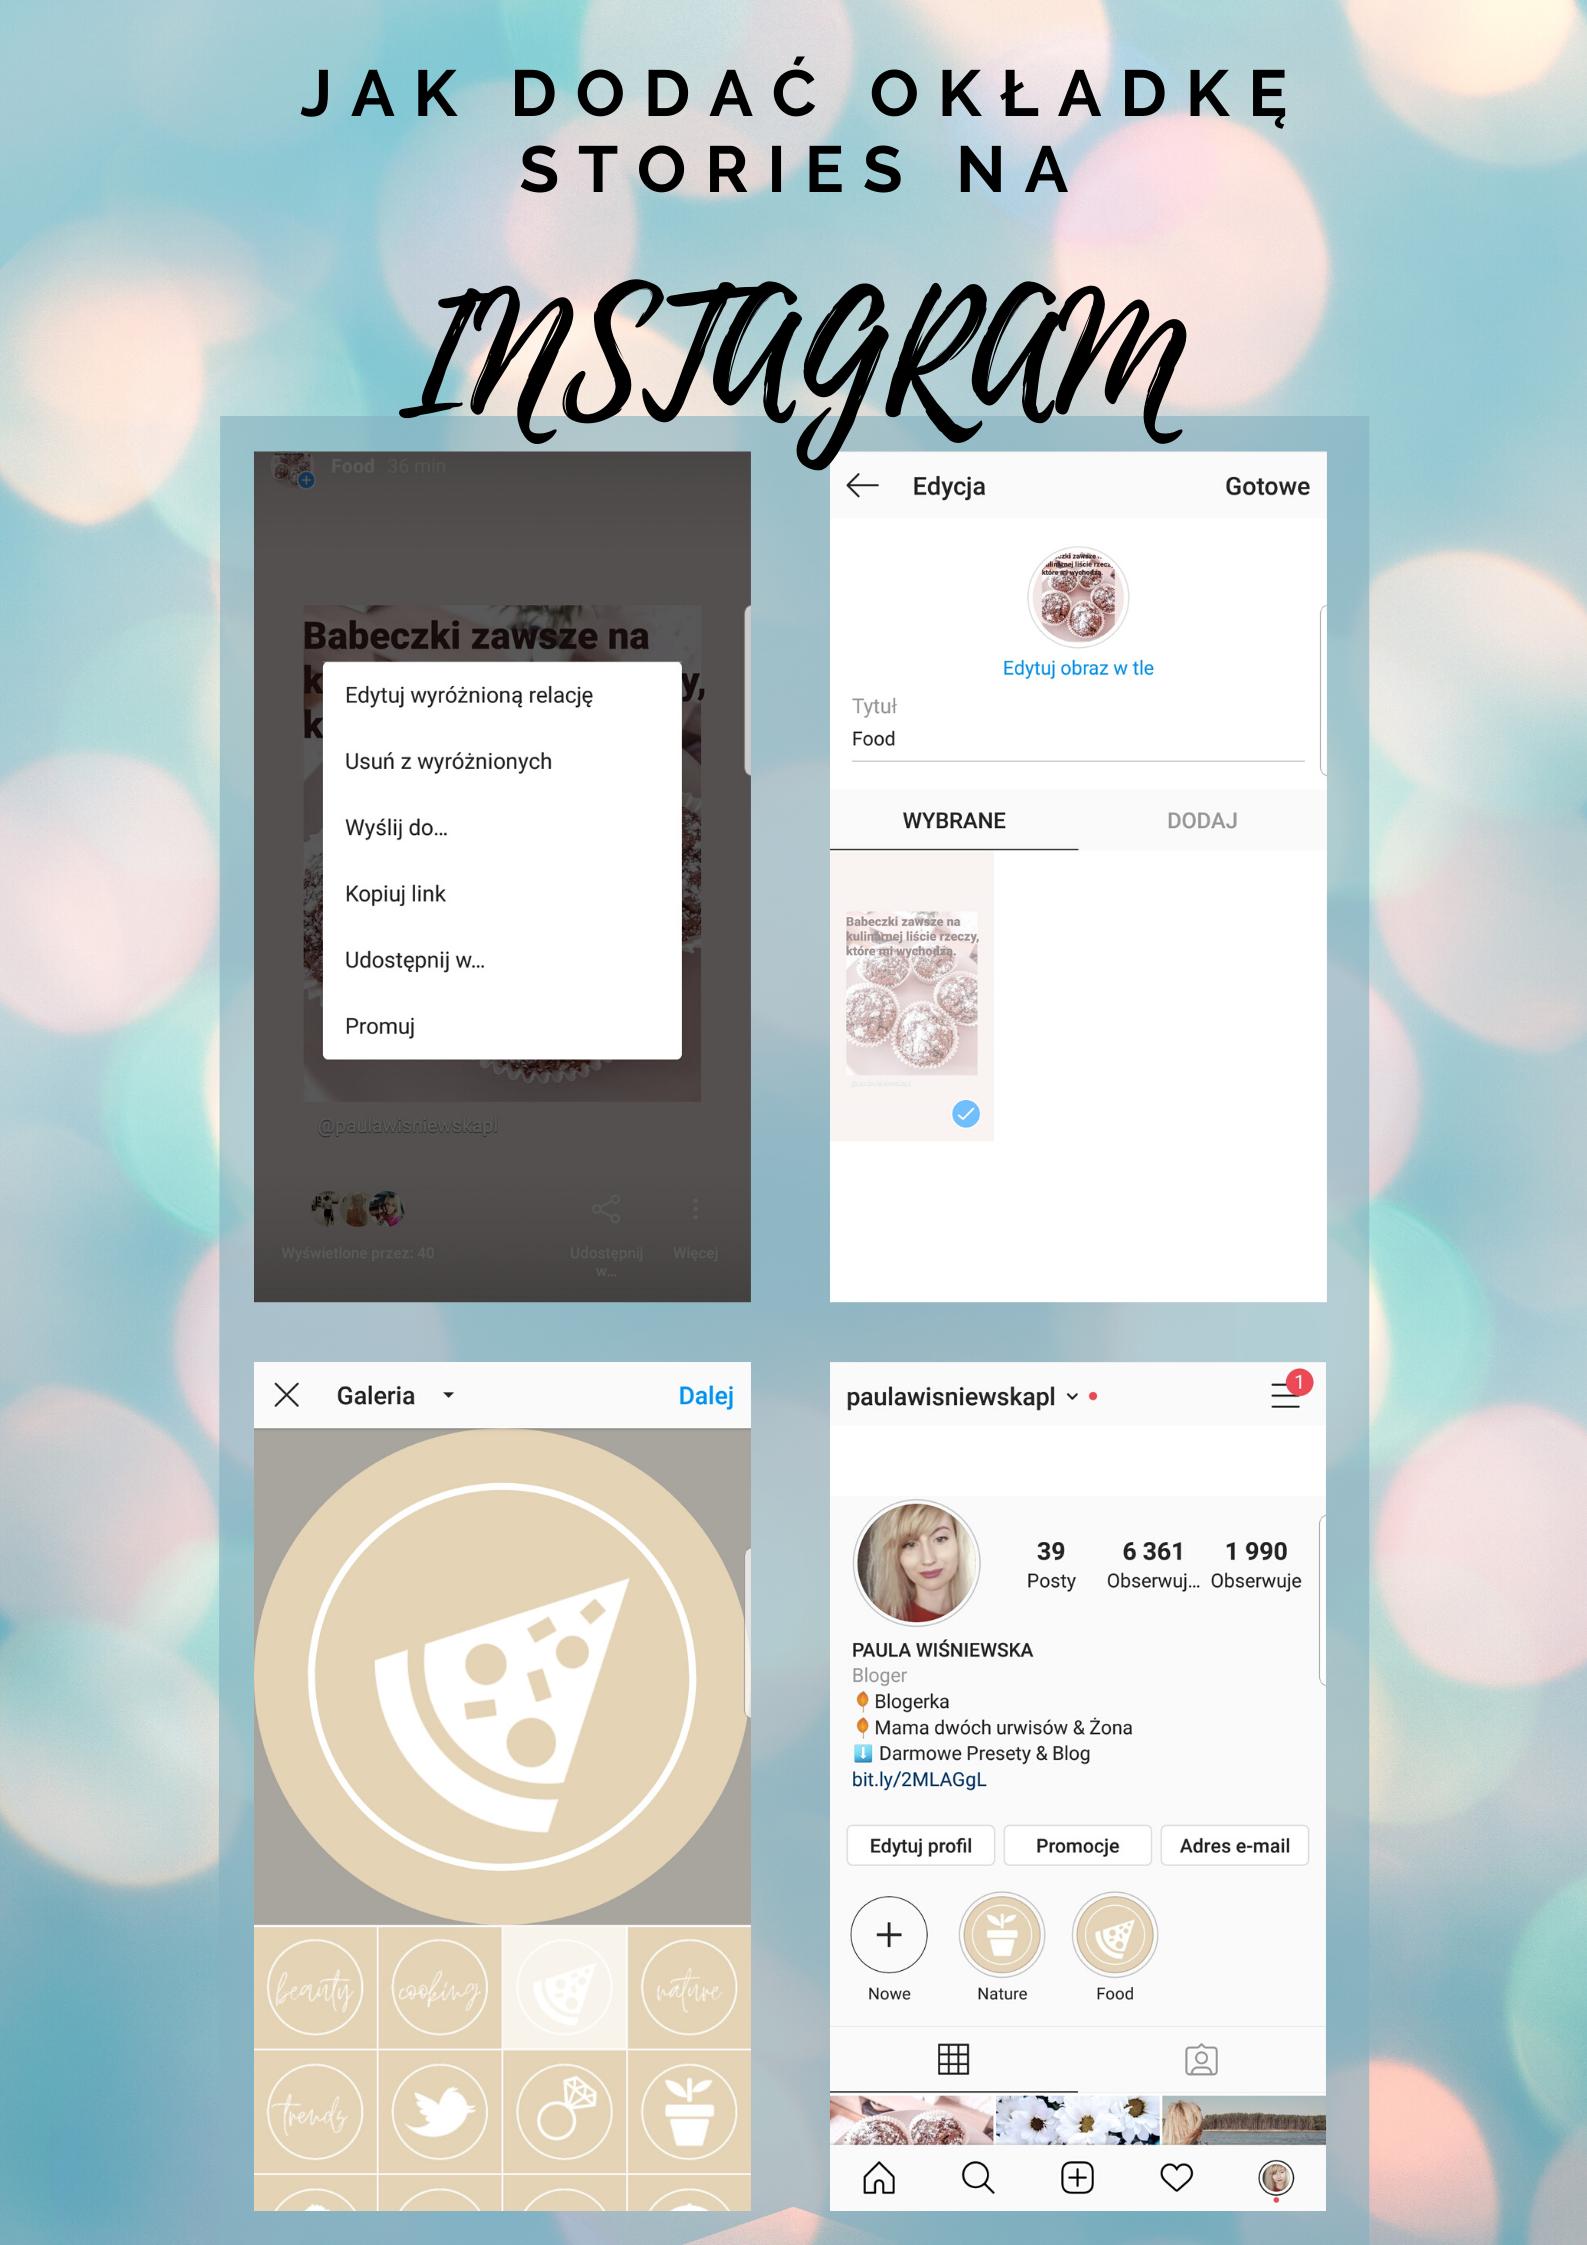 Jak dodać okładkę Instagram Stories?